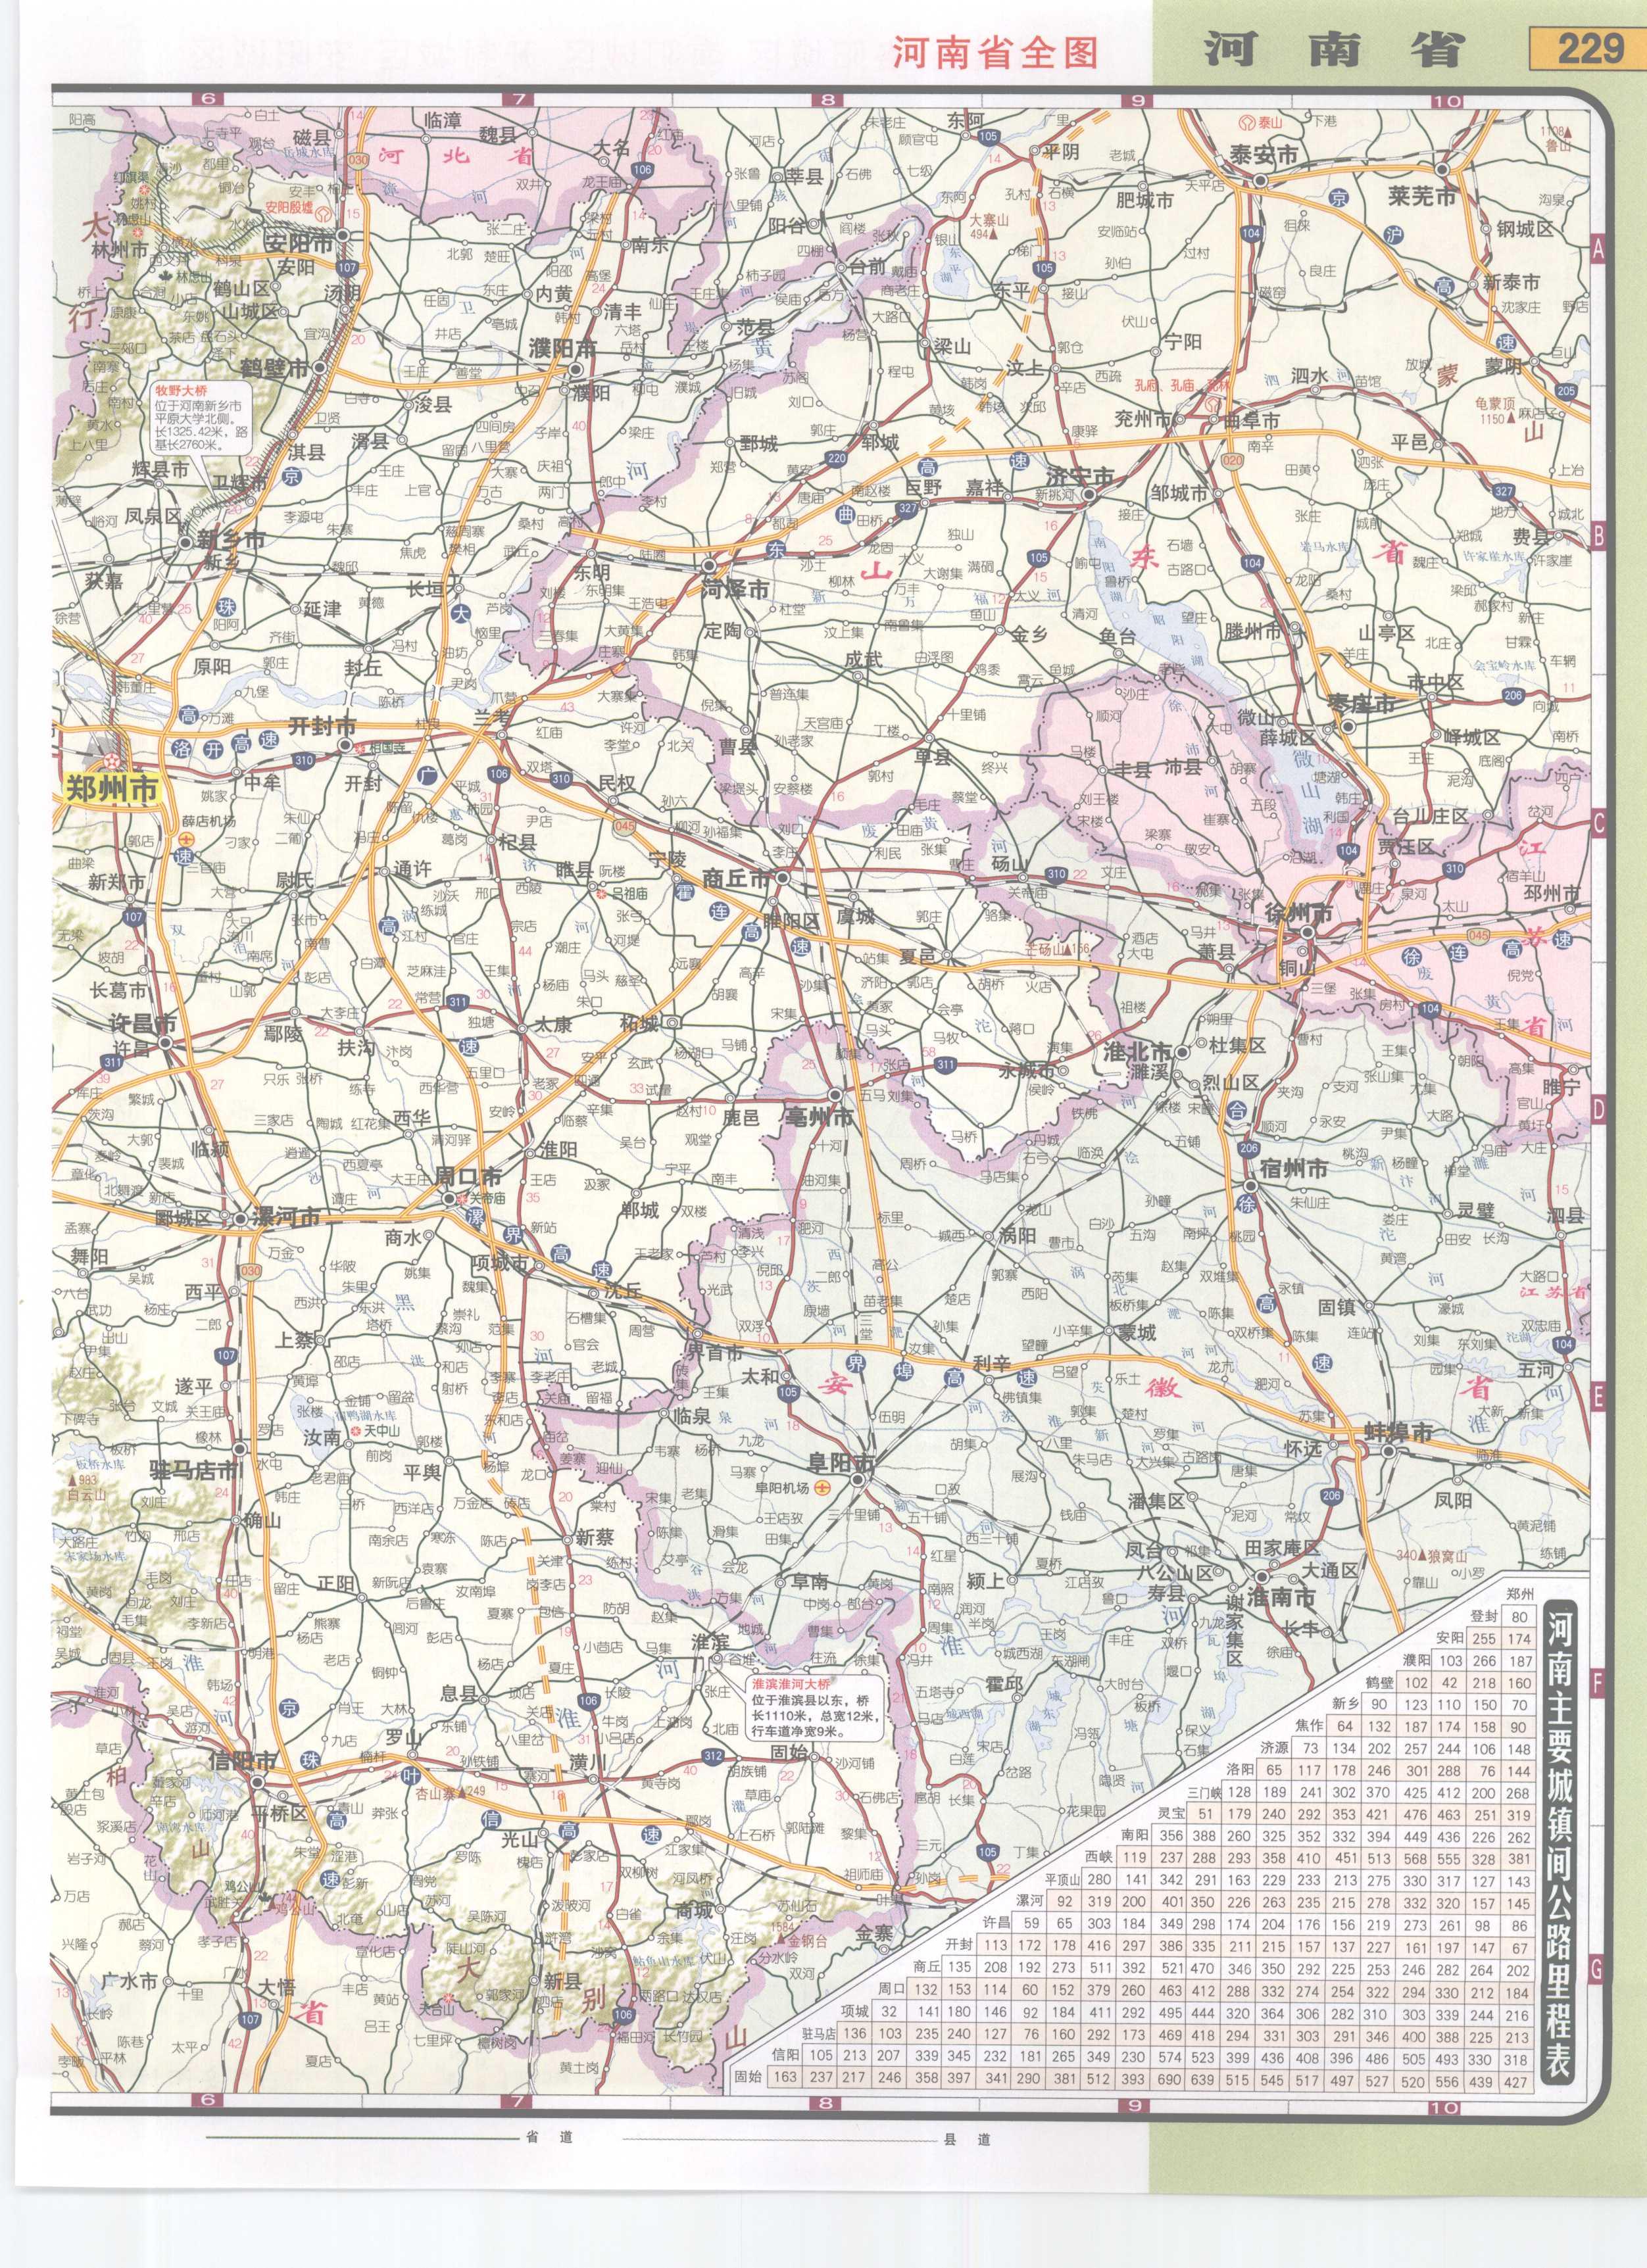 河南省高速公路网地图